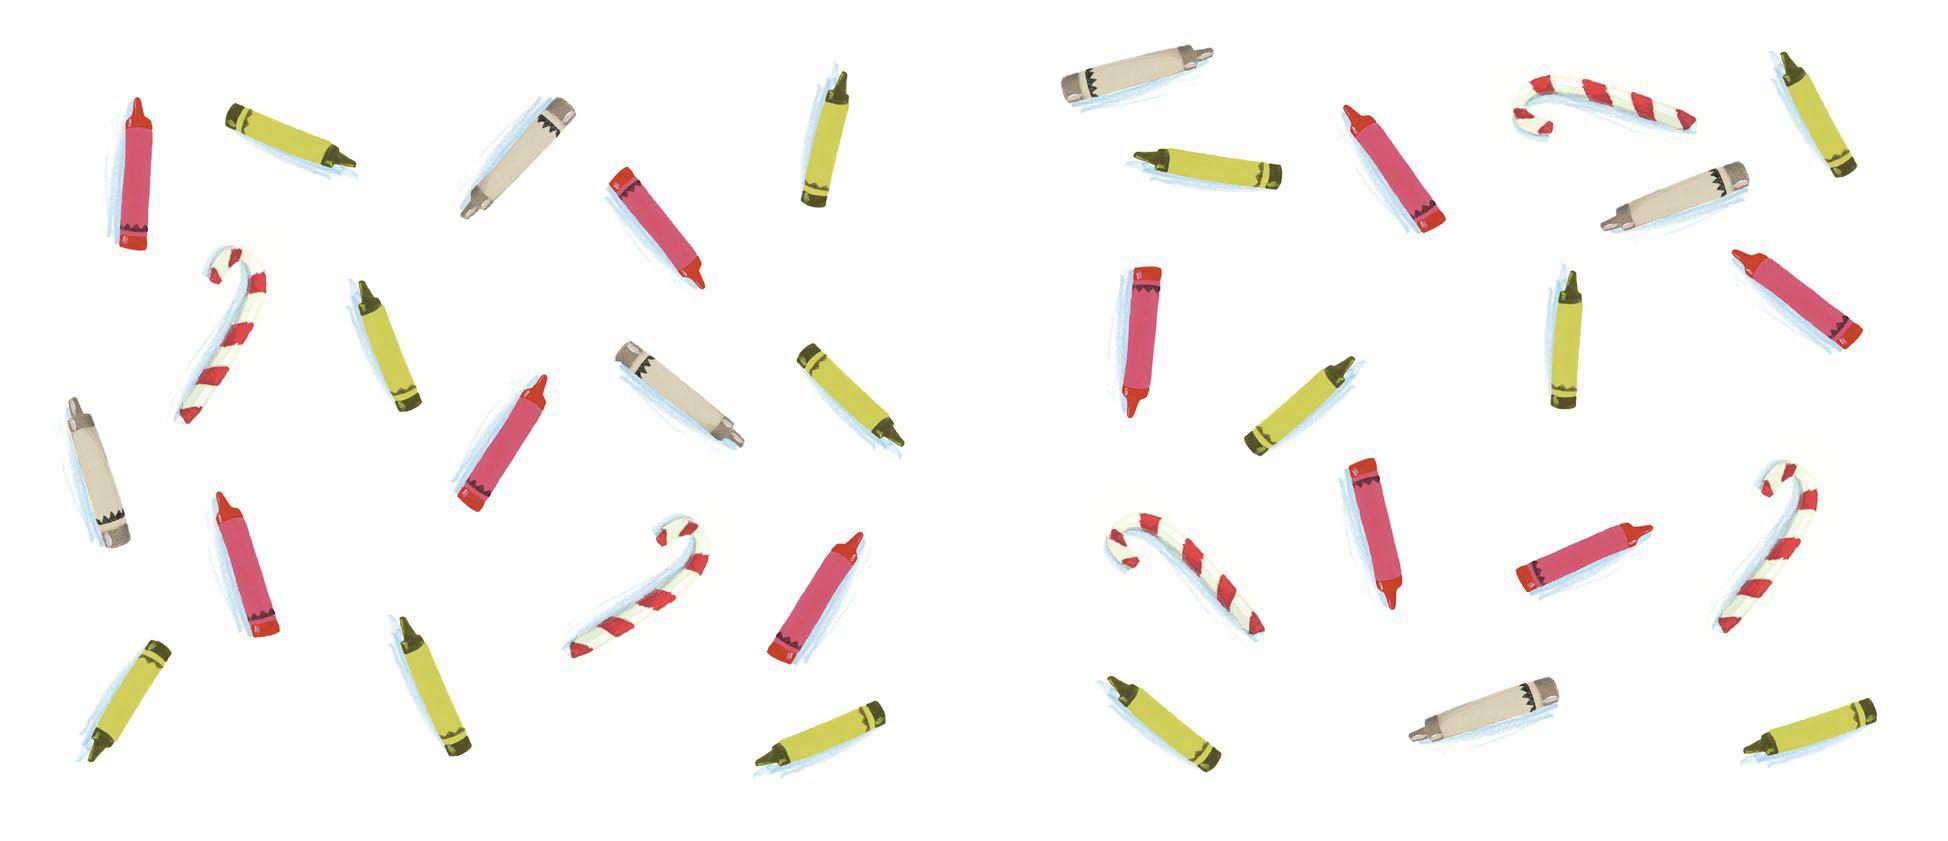 9780525515746_CrayonsXMas_TX-1.jpg